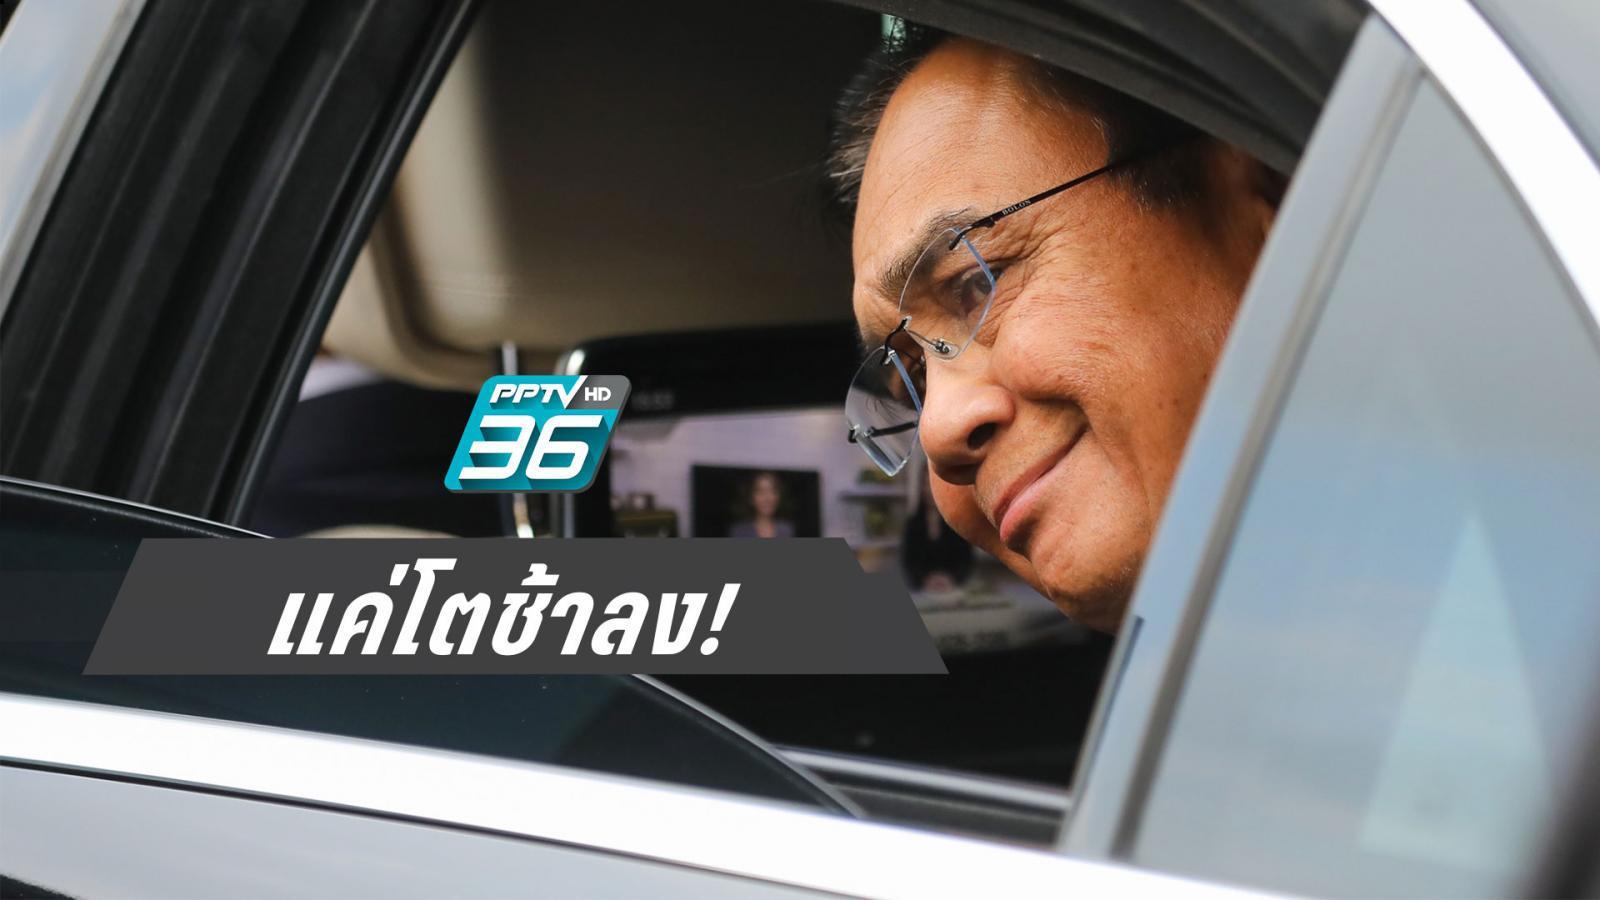 """""""ประยุทธ์"""" ชี้เศรษฐกิจไทยไม่ได้ถดถอย แค่เติบโตช้าลง"""